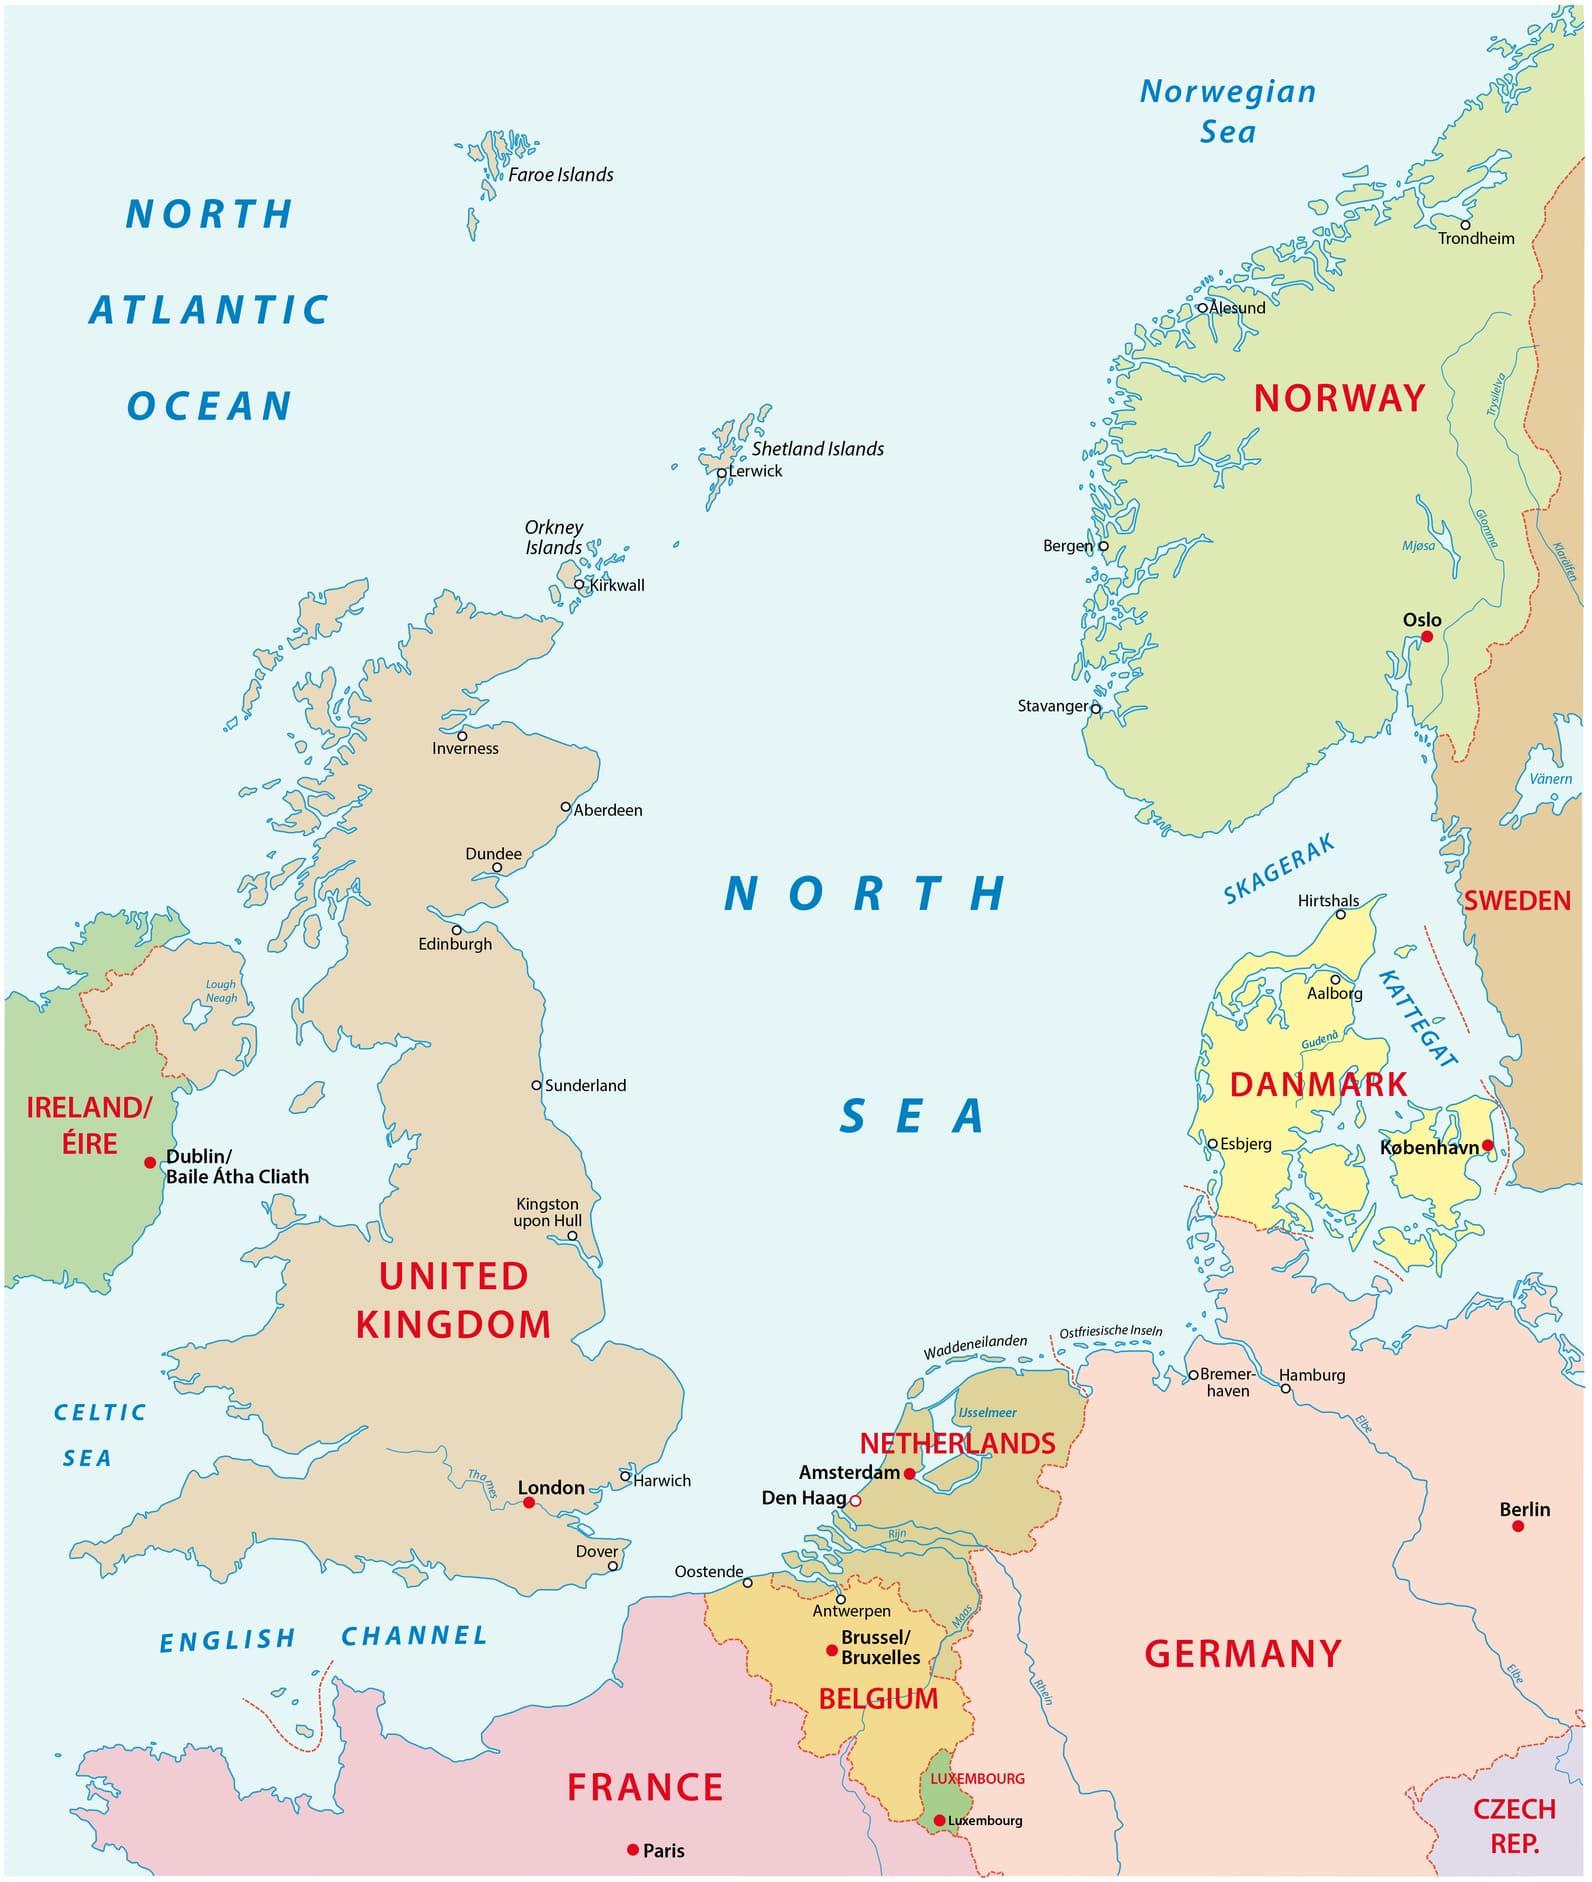 Karte der Nordsee